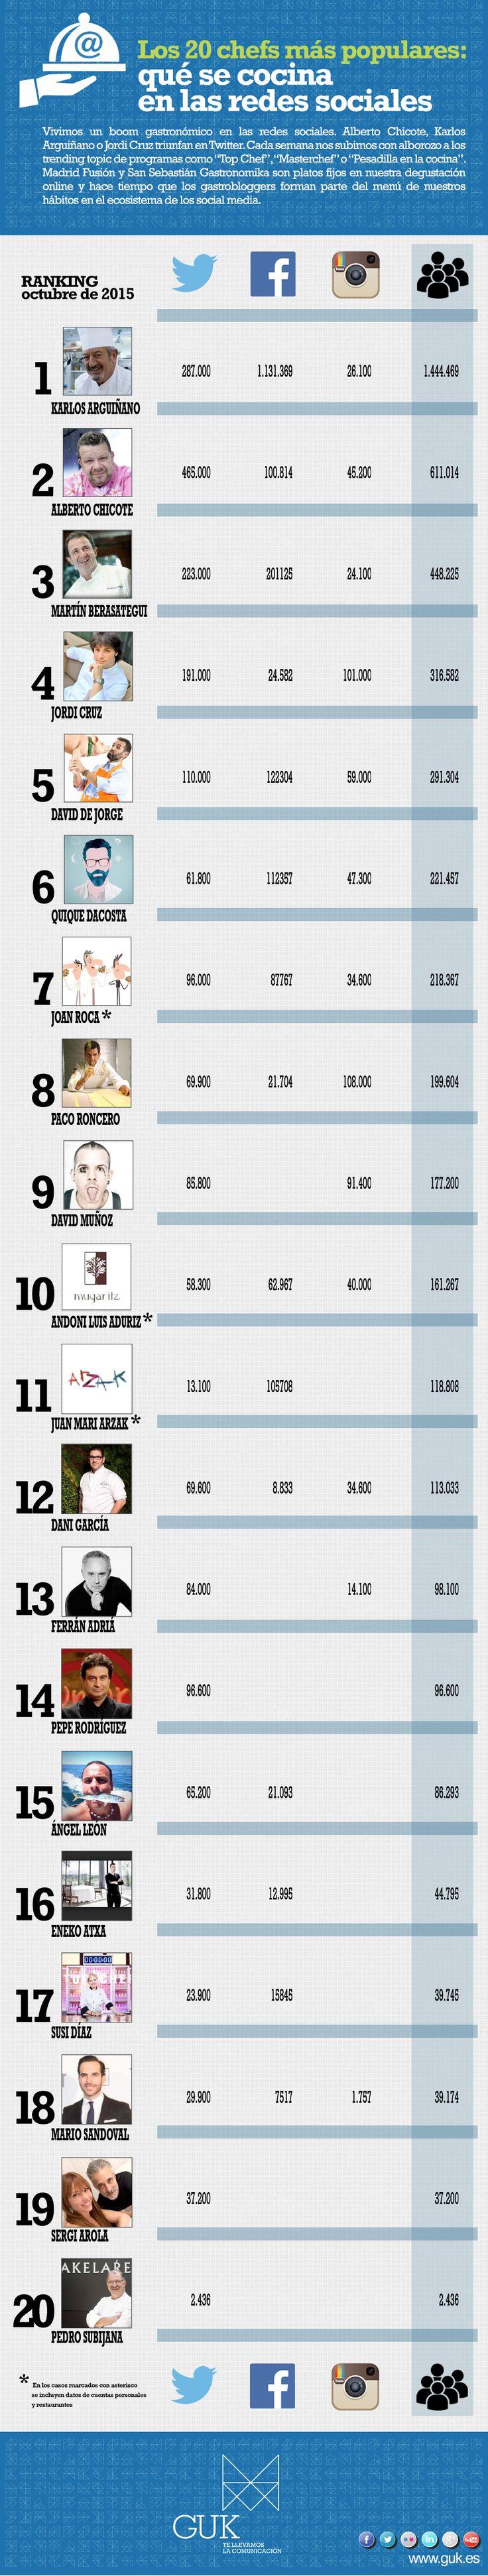 Infografía: Los 20 chefs más populares: qué se cocina en las redes sociales